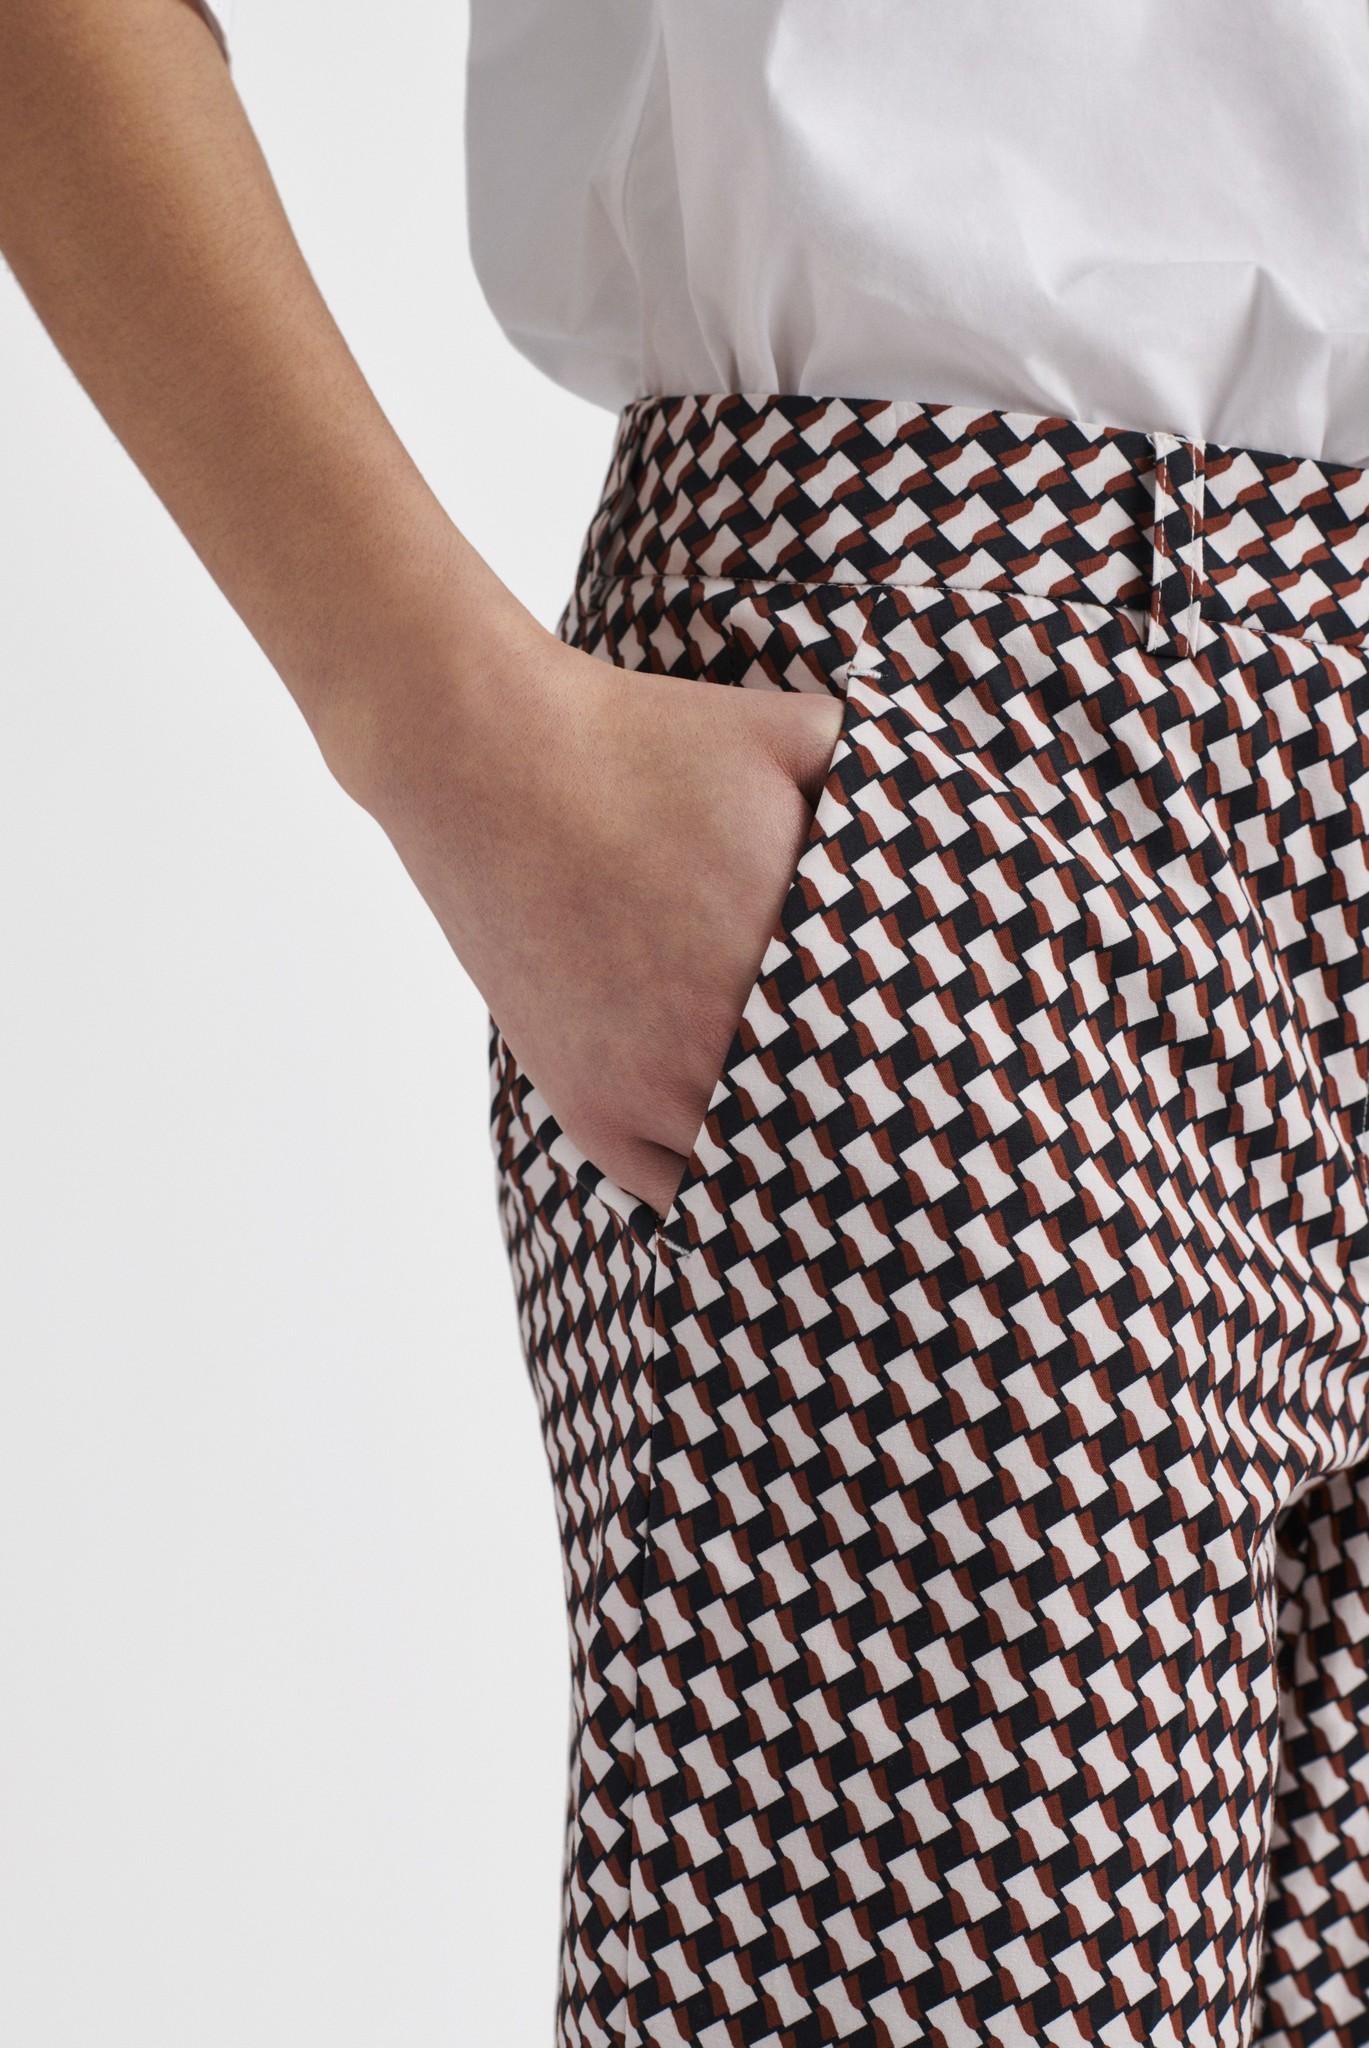 MELANIA - Жаккардовые брюки из хлопка длиной 7/8